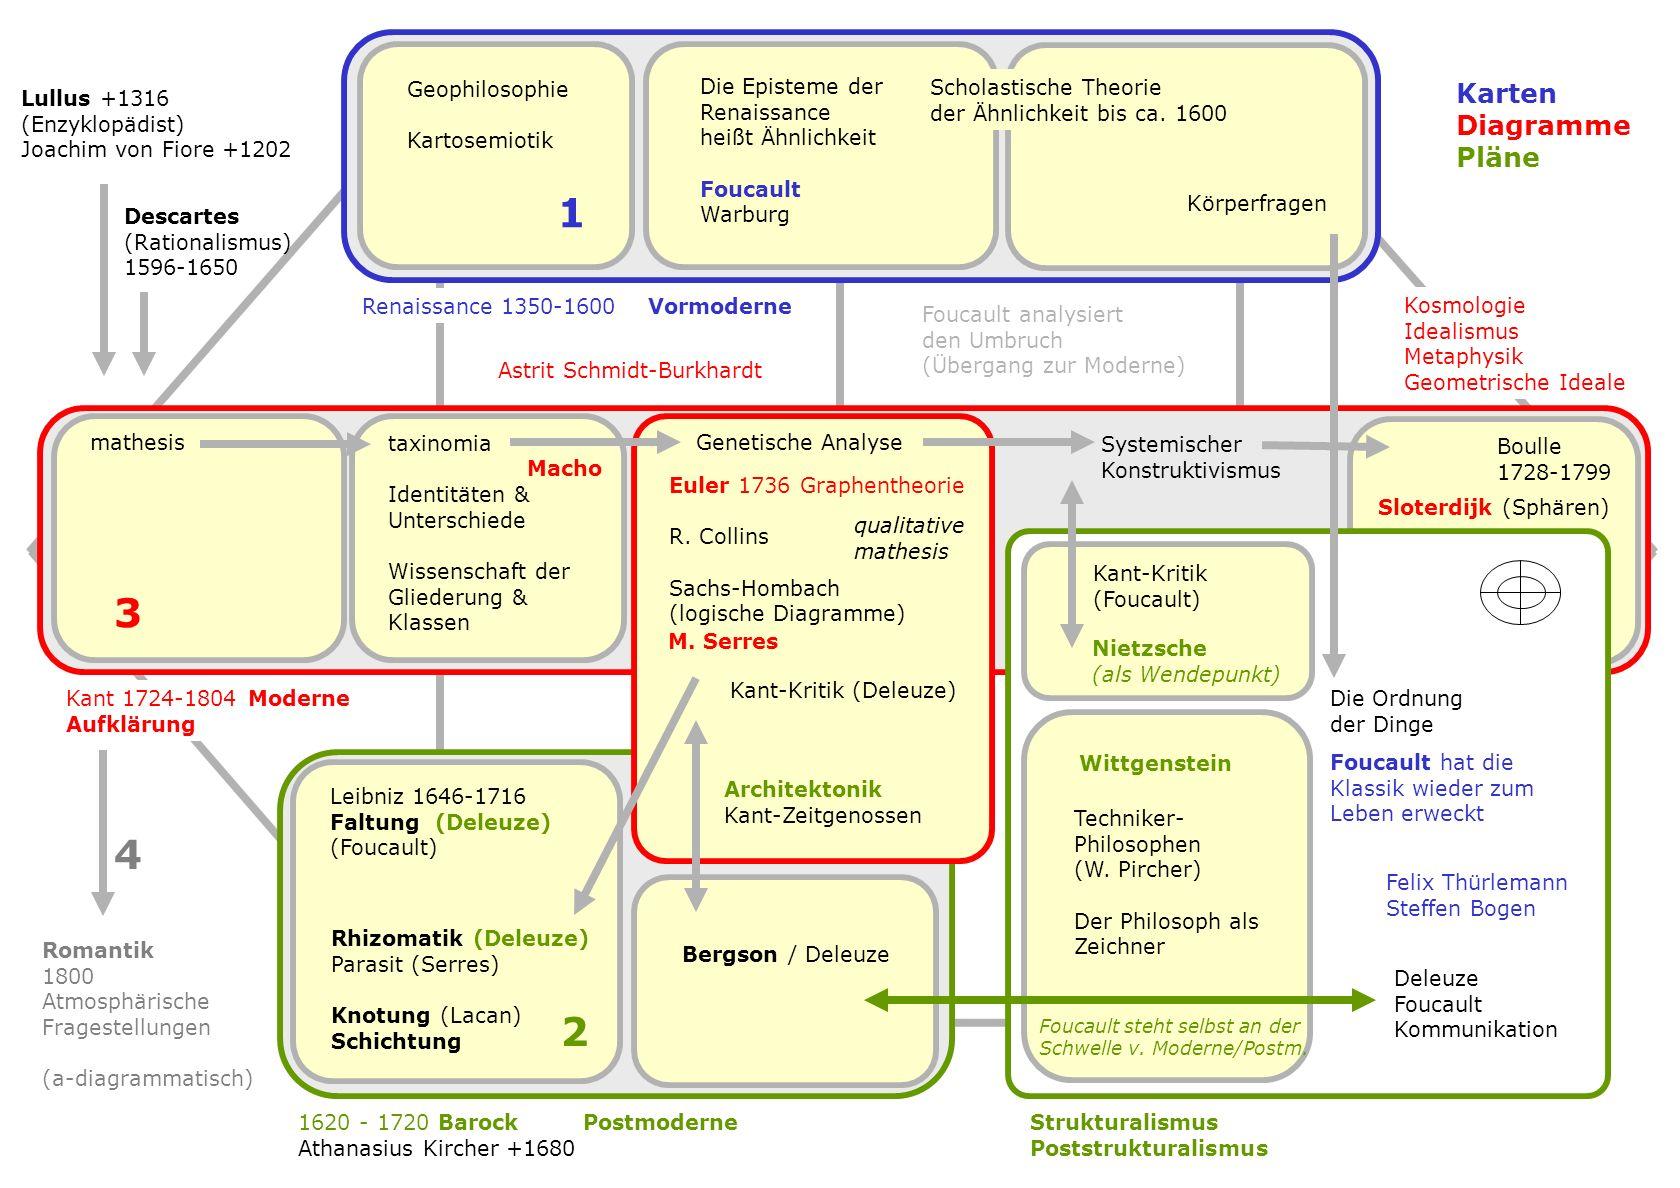 S Entwicklungsbänder N003 N120 Entwicklungslinie N007 Baumdiagramme Kategorienbäume N125/4 N038 Genealogien F Knollennetze N091/5 N246 N091/x Wurzelnetze Netzgeflechte N022 Knotennetze F094 Netzknäuel N110 Rhizome N140 N138 N138/7 /8 /4 /3 Chaosnetze (Netzchaos) N225 N134/1 N008 N205 N204 N192 N183 N100 A033 Netzfaltungen N151 N026/4 N026/3 F115 A111 Netzschichtungen N203 Collage-Netz Netzkomplexe N207 Z Kinematische Netze Zonengitter Bauplannetze N083 Konstruktionsnetze Z008 Referenzgitter, Referenznetz Bemaßungsgitter Z001 Z007 Beziehungsgitter Schaltpläne Z003 Z004 Z005 Z006 N080/2 N080 N046 Funktionsgraphen N080/2 N080 Topologische Netze N076 Netzbausteine (chemisch) N093/2 Datenmodelle N065 Funktionsmosaik N142 = A120 circuit diagram Z002 B Körper-Referenznetz B036 B097 Körper-Auswüchse N229 N047 Netz-Körper N039 B030 B043 B006 Netzkörperlichkeit B096 Organisch Netze N093 Spinnen-Netze N052/2 Florale Netze N214 N161/2 N082 Baum-Netze N121 N169 N167 Lullus +1316 (Enzyklopädist) Joachim von Fiore +1202 Nicole Oresme +1382 (Stabdiagramme 1350) mathesis taxinomia Identitäten & Unterschiede Wissenschaft der Gliederung & Klassen Genetische Analyse Kant 1724-1804 Moderne Aufklärung Boulle 1728-1799 Renaissance 1350-1600 Klassik 1620 - 1720 Barock Athanasius Kircher +1680 Bergson / Deleuze Strukturalismus Poststrukturalismus Kant-Kritik (Deleuze) Kant-Kritik (Foucault) Postmoderne Leibniz 1646-1716 Faltung (Deleuze) (Foucault) Deleuze Foucault Kommunikation Die Ordnung der Dinge M.